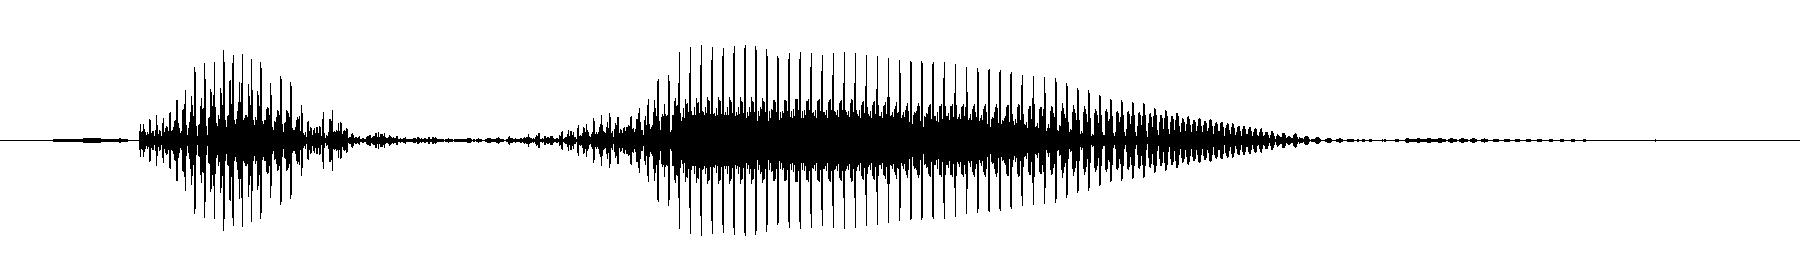 49940 felplacerad atom v1 wav